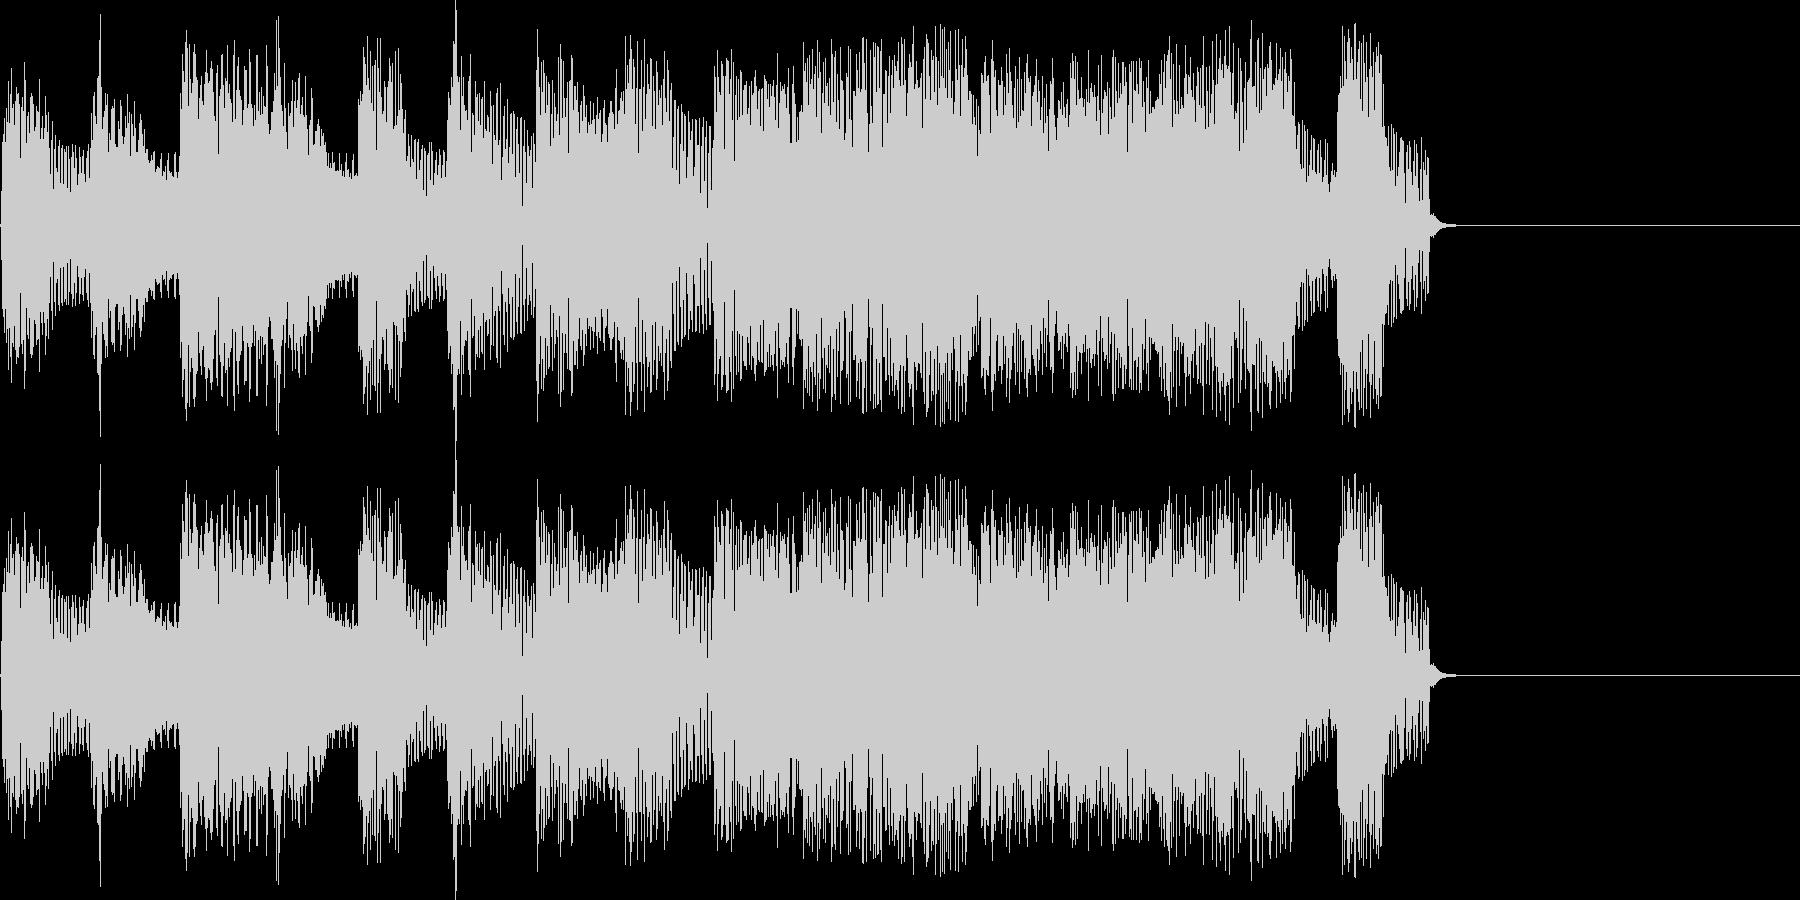 達成感をイメージしたジングル(FM音源)の未再生の波形